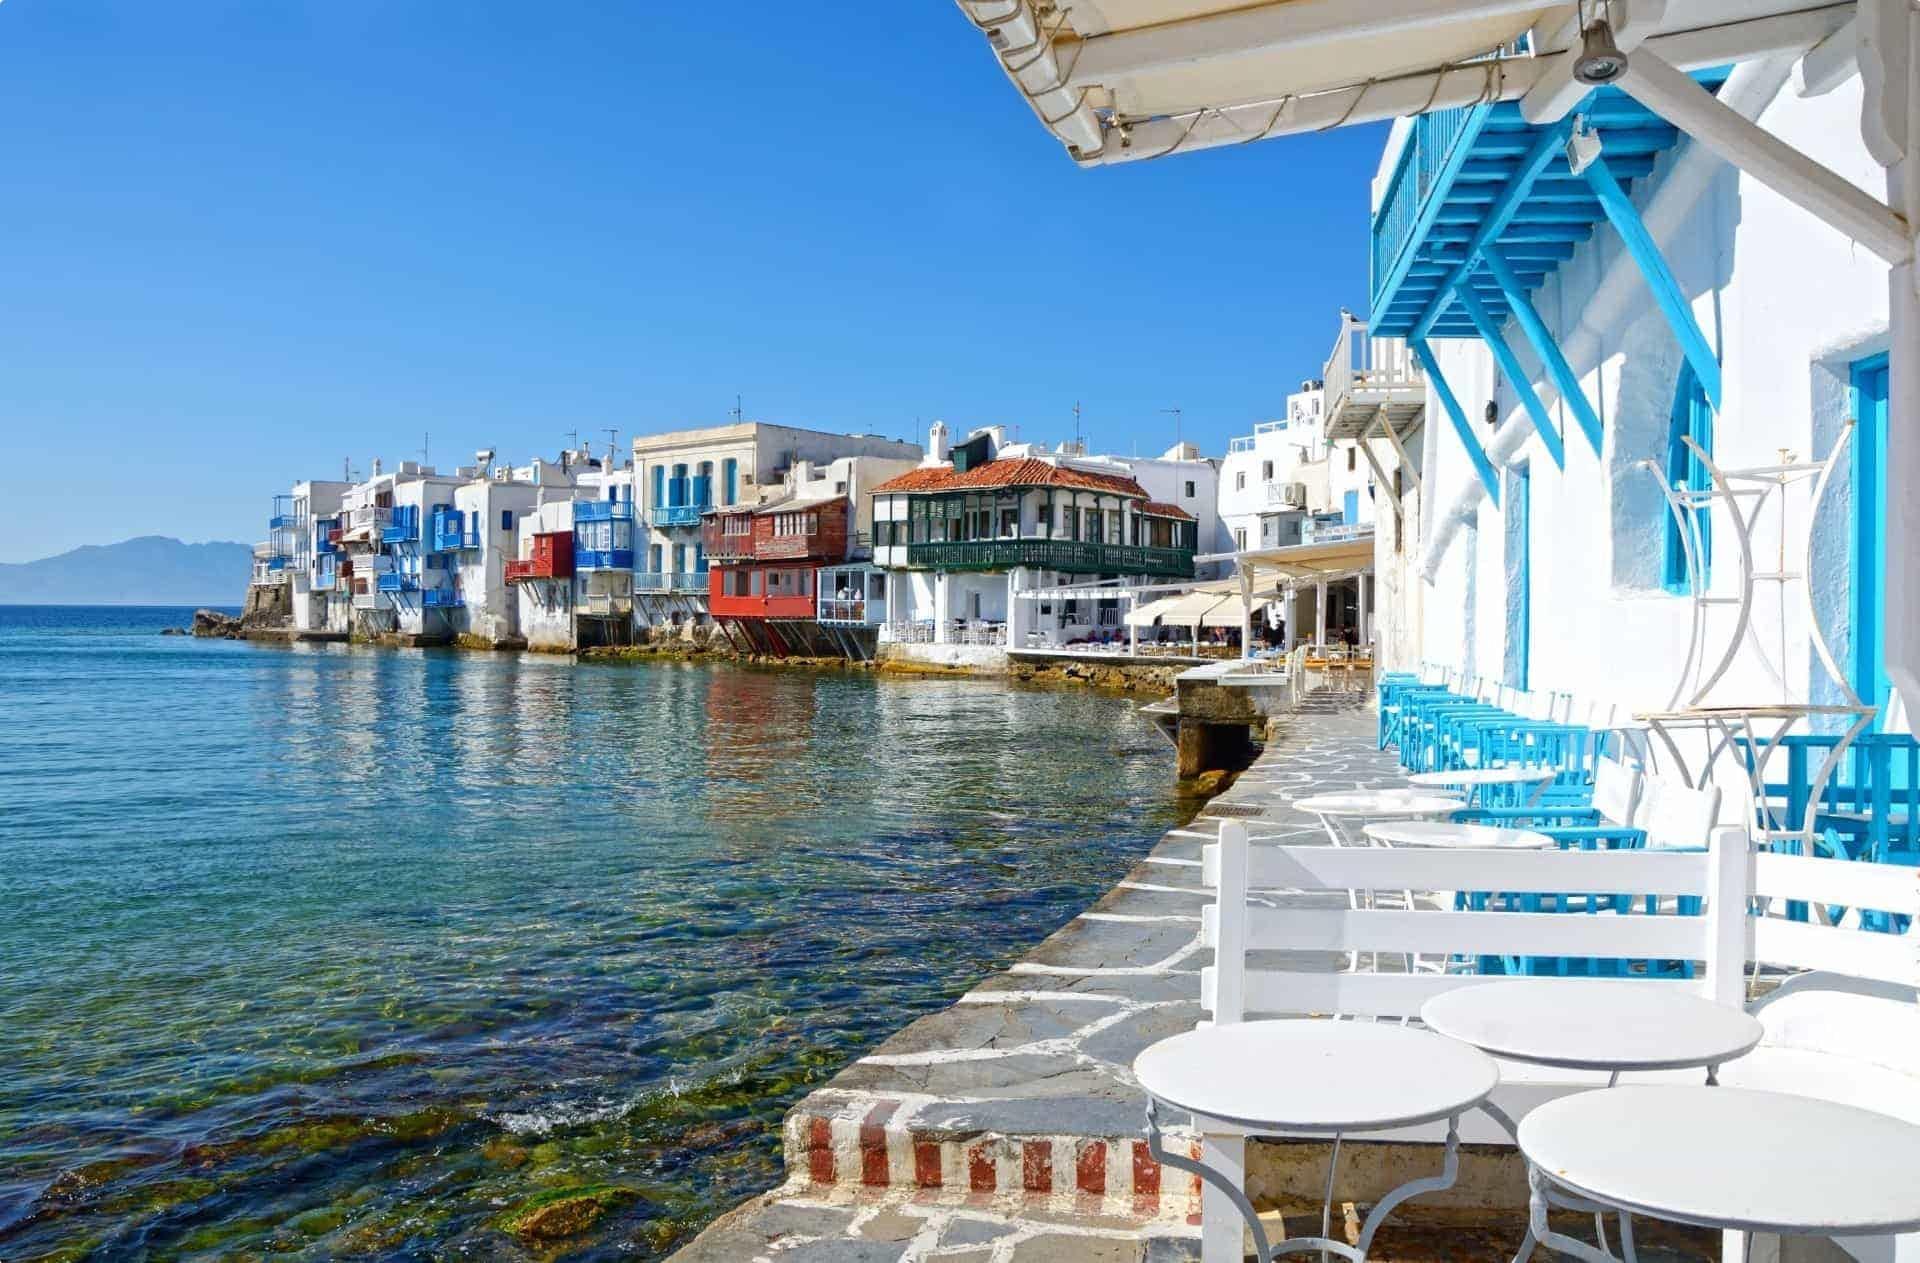 Mykonos shore, Greece